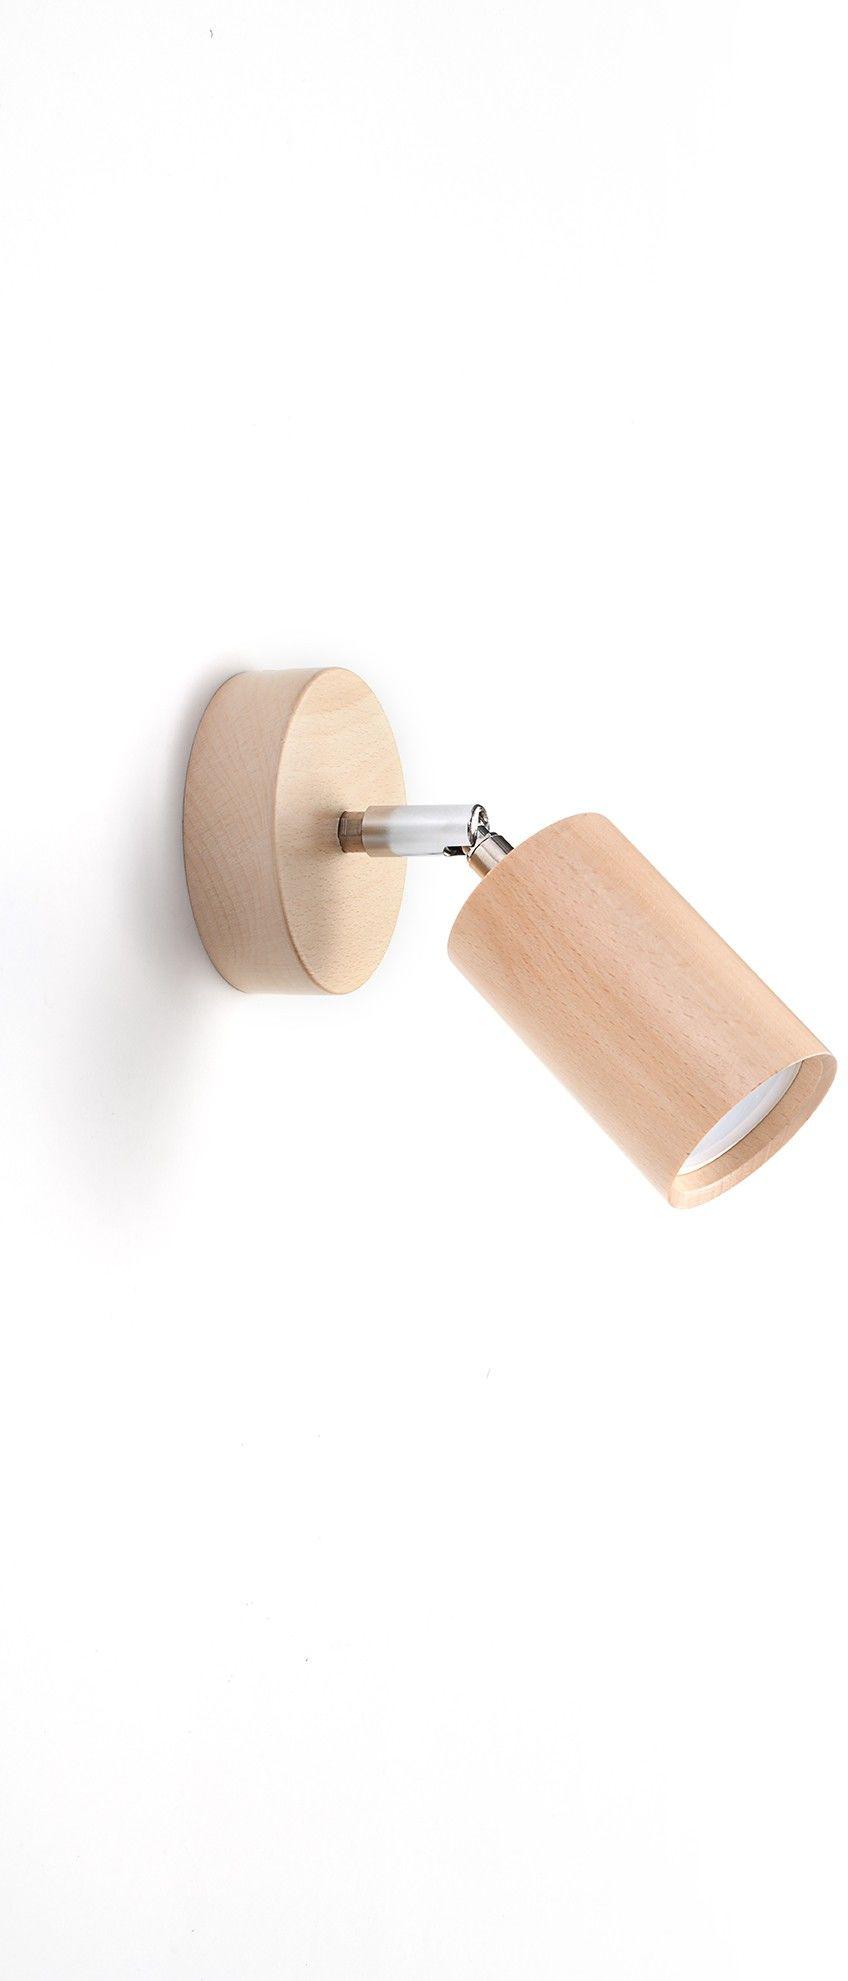 Kinkiet BERGE naturalne drewno SL.0701 - Sollux Do -17% rabatu w koszyku i darmowa dostawa od 299zł !